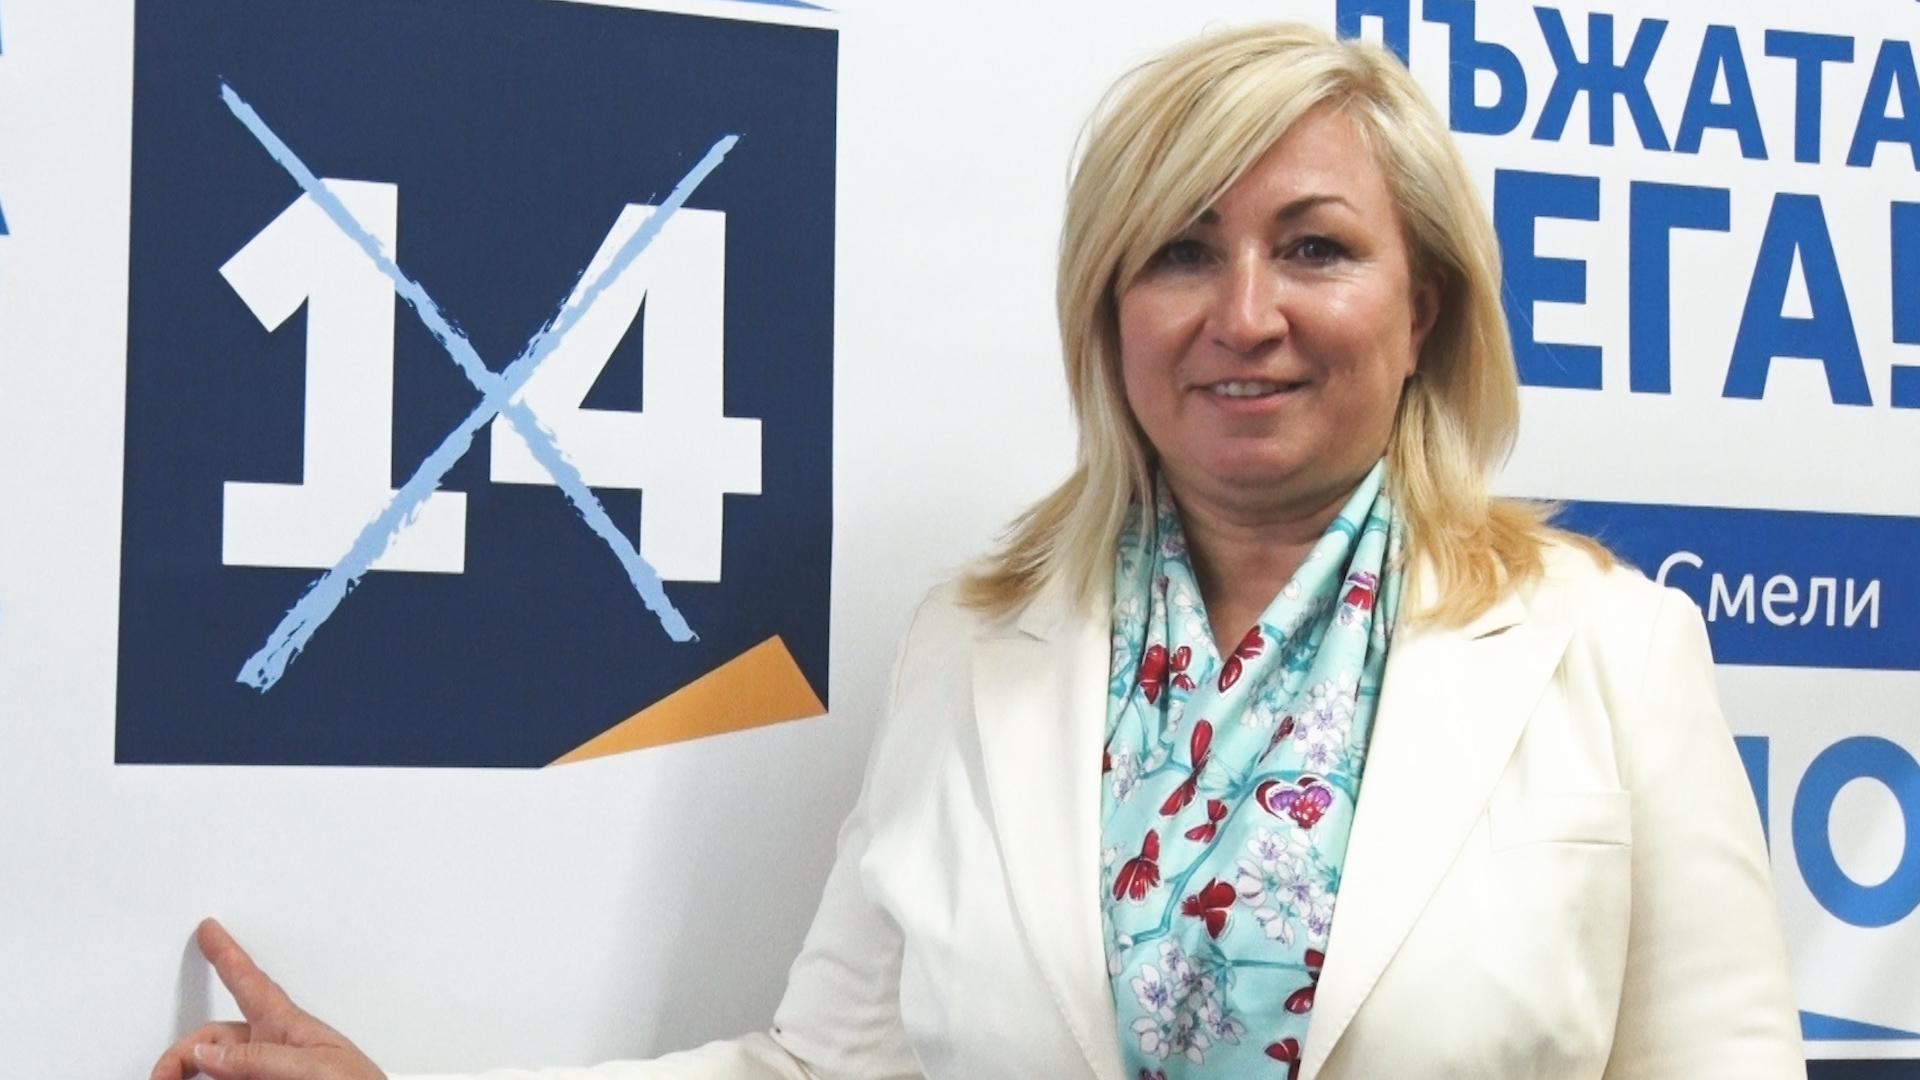 """Приоритет на кандидатите на партия """"Българско лято"""" са повече инвестиции в региона, повече работни места, по-добро здравеопазване"""